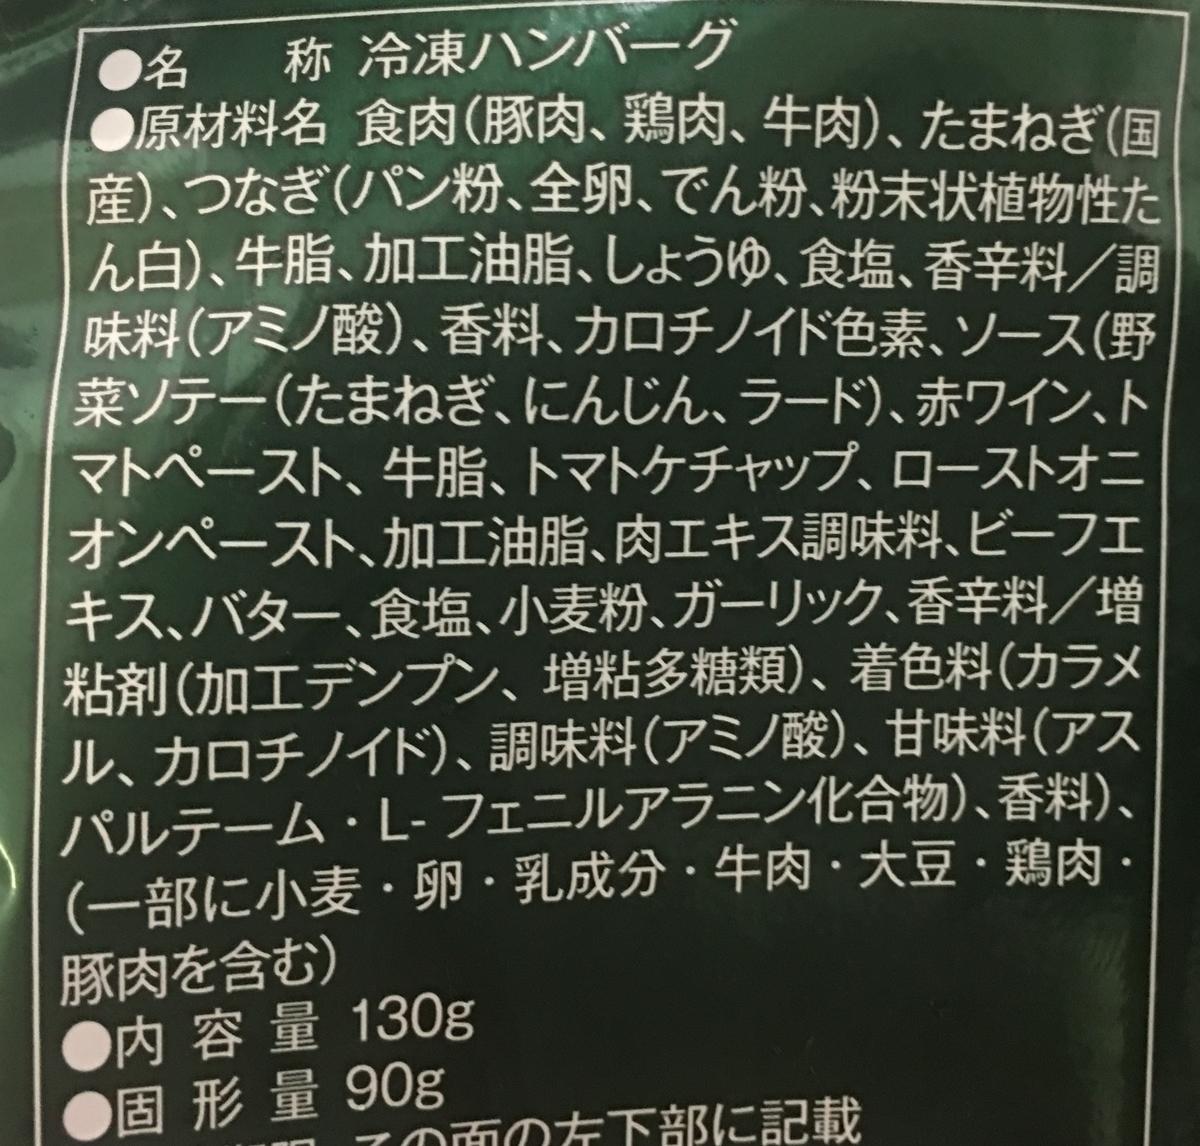 f:id:YOSHIO1010:20200706014002j:plain